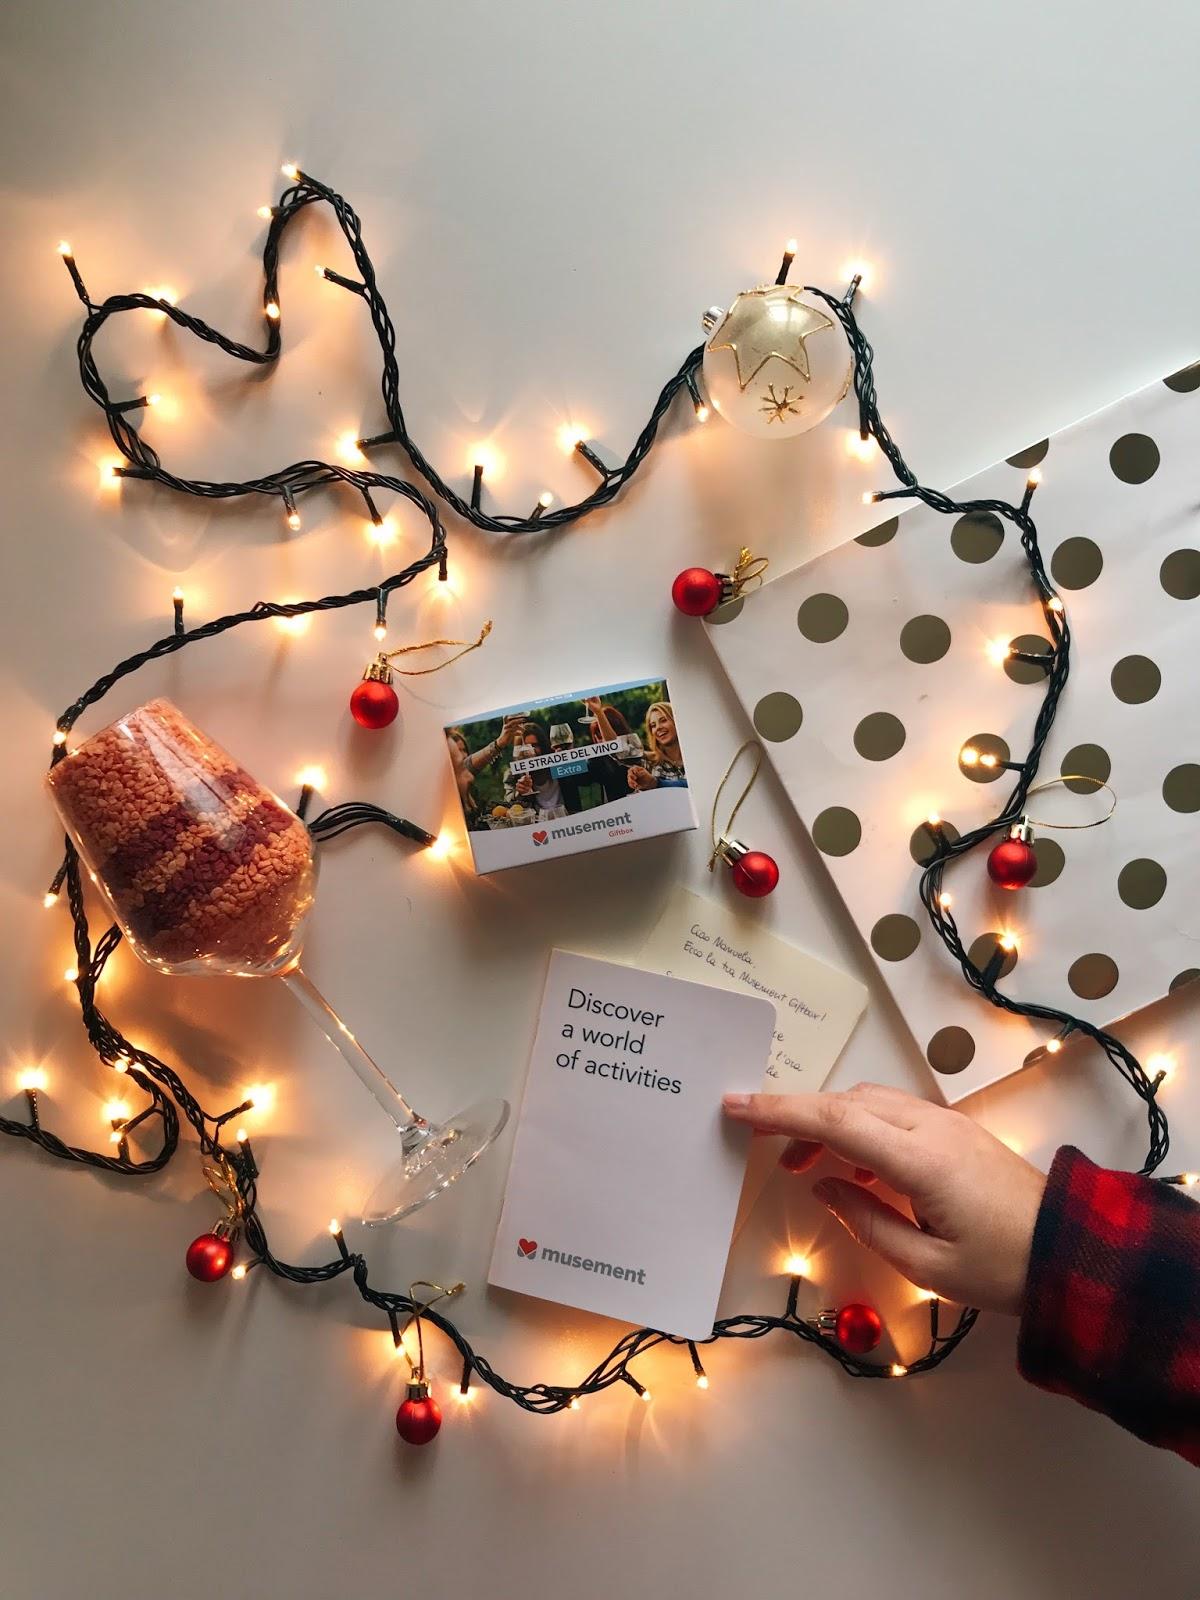 Regali Di Natale Pensierini.Pensieri In Viaggio Regali Di Natale 5 Proposte Per Chi Ama Viaggiare